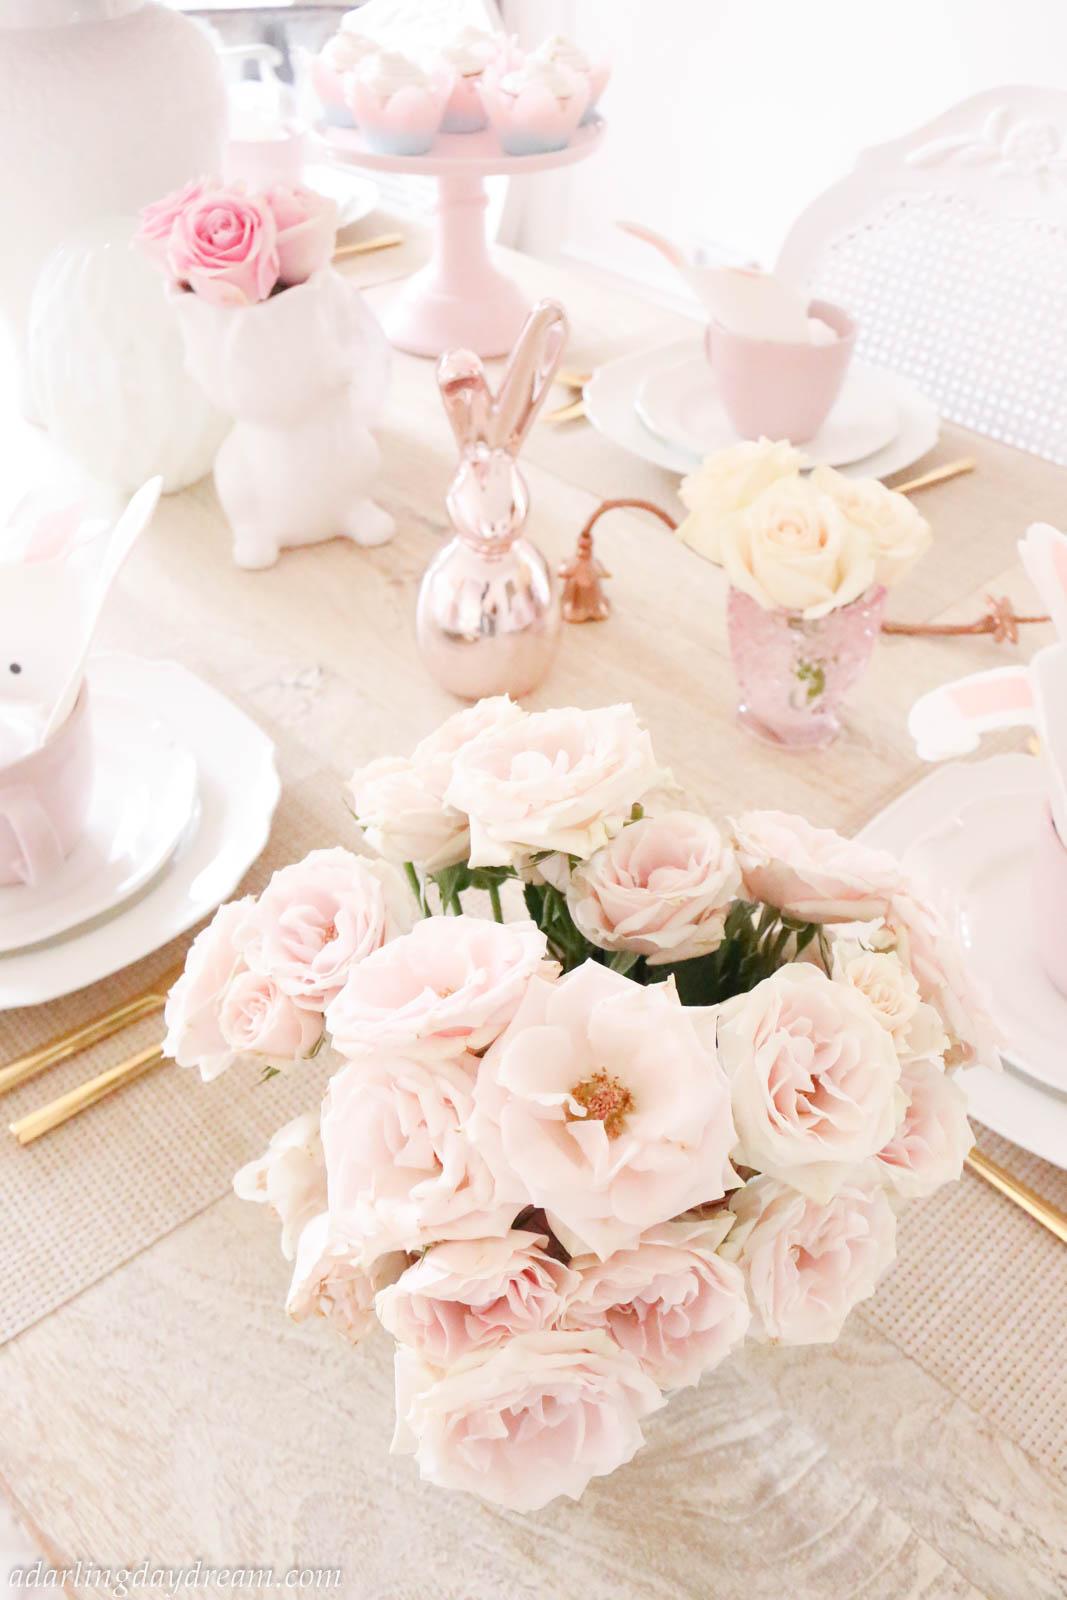 Easter-Tablescape-Spring-Tea-party-Decor-7